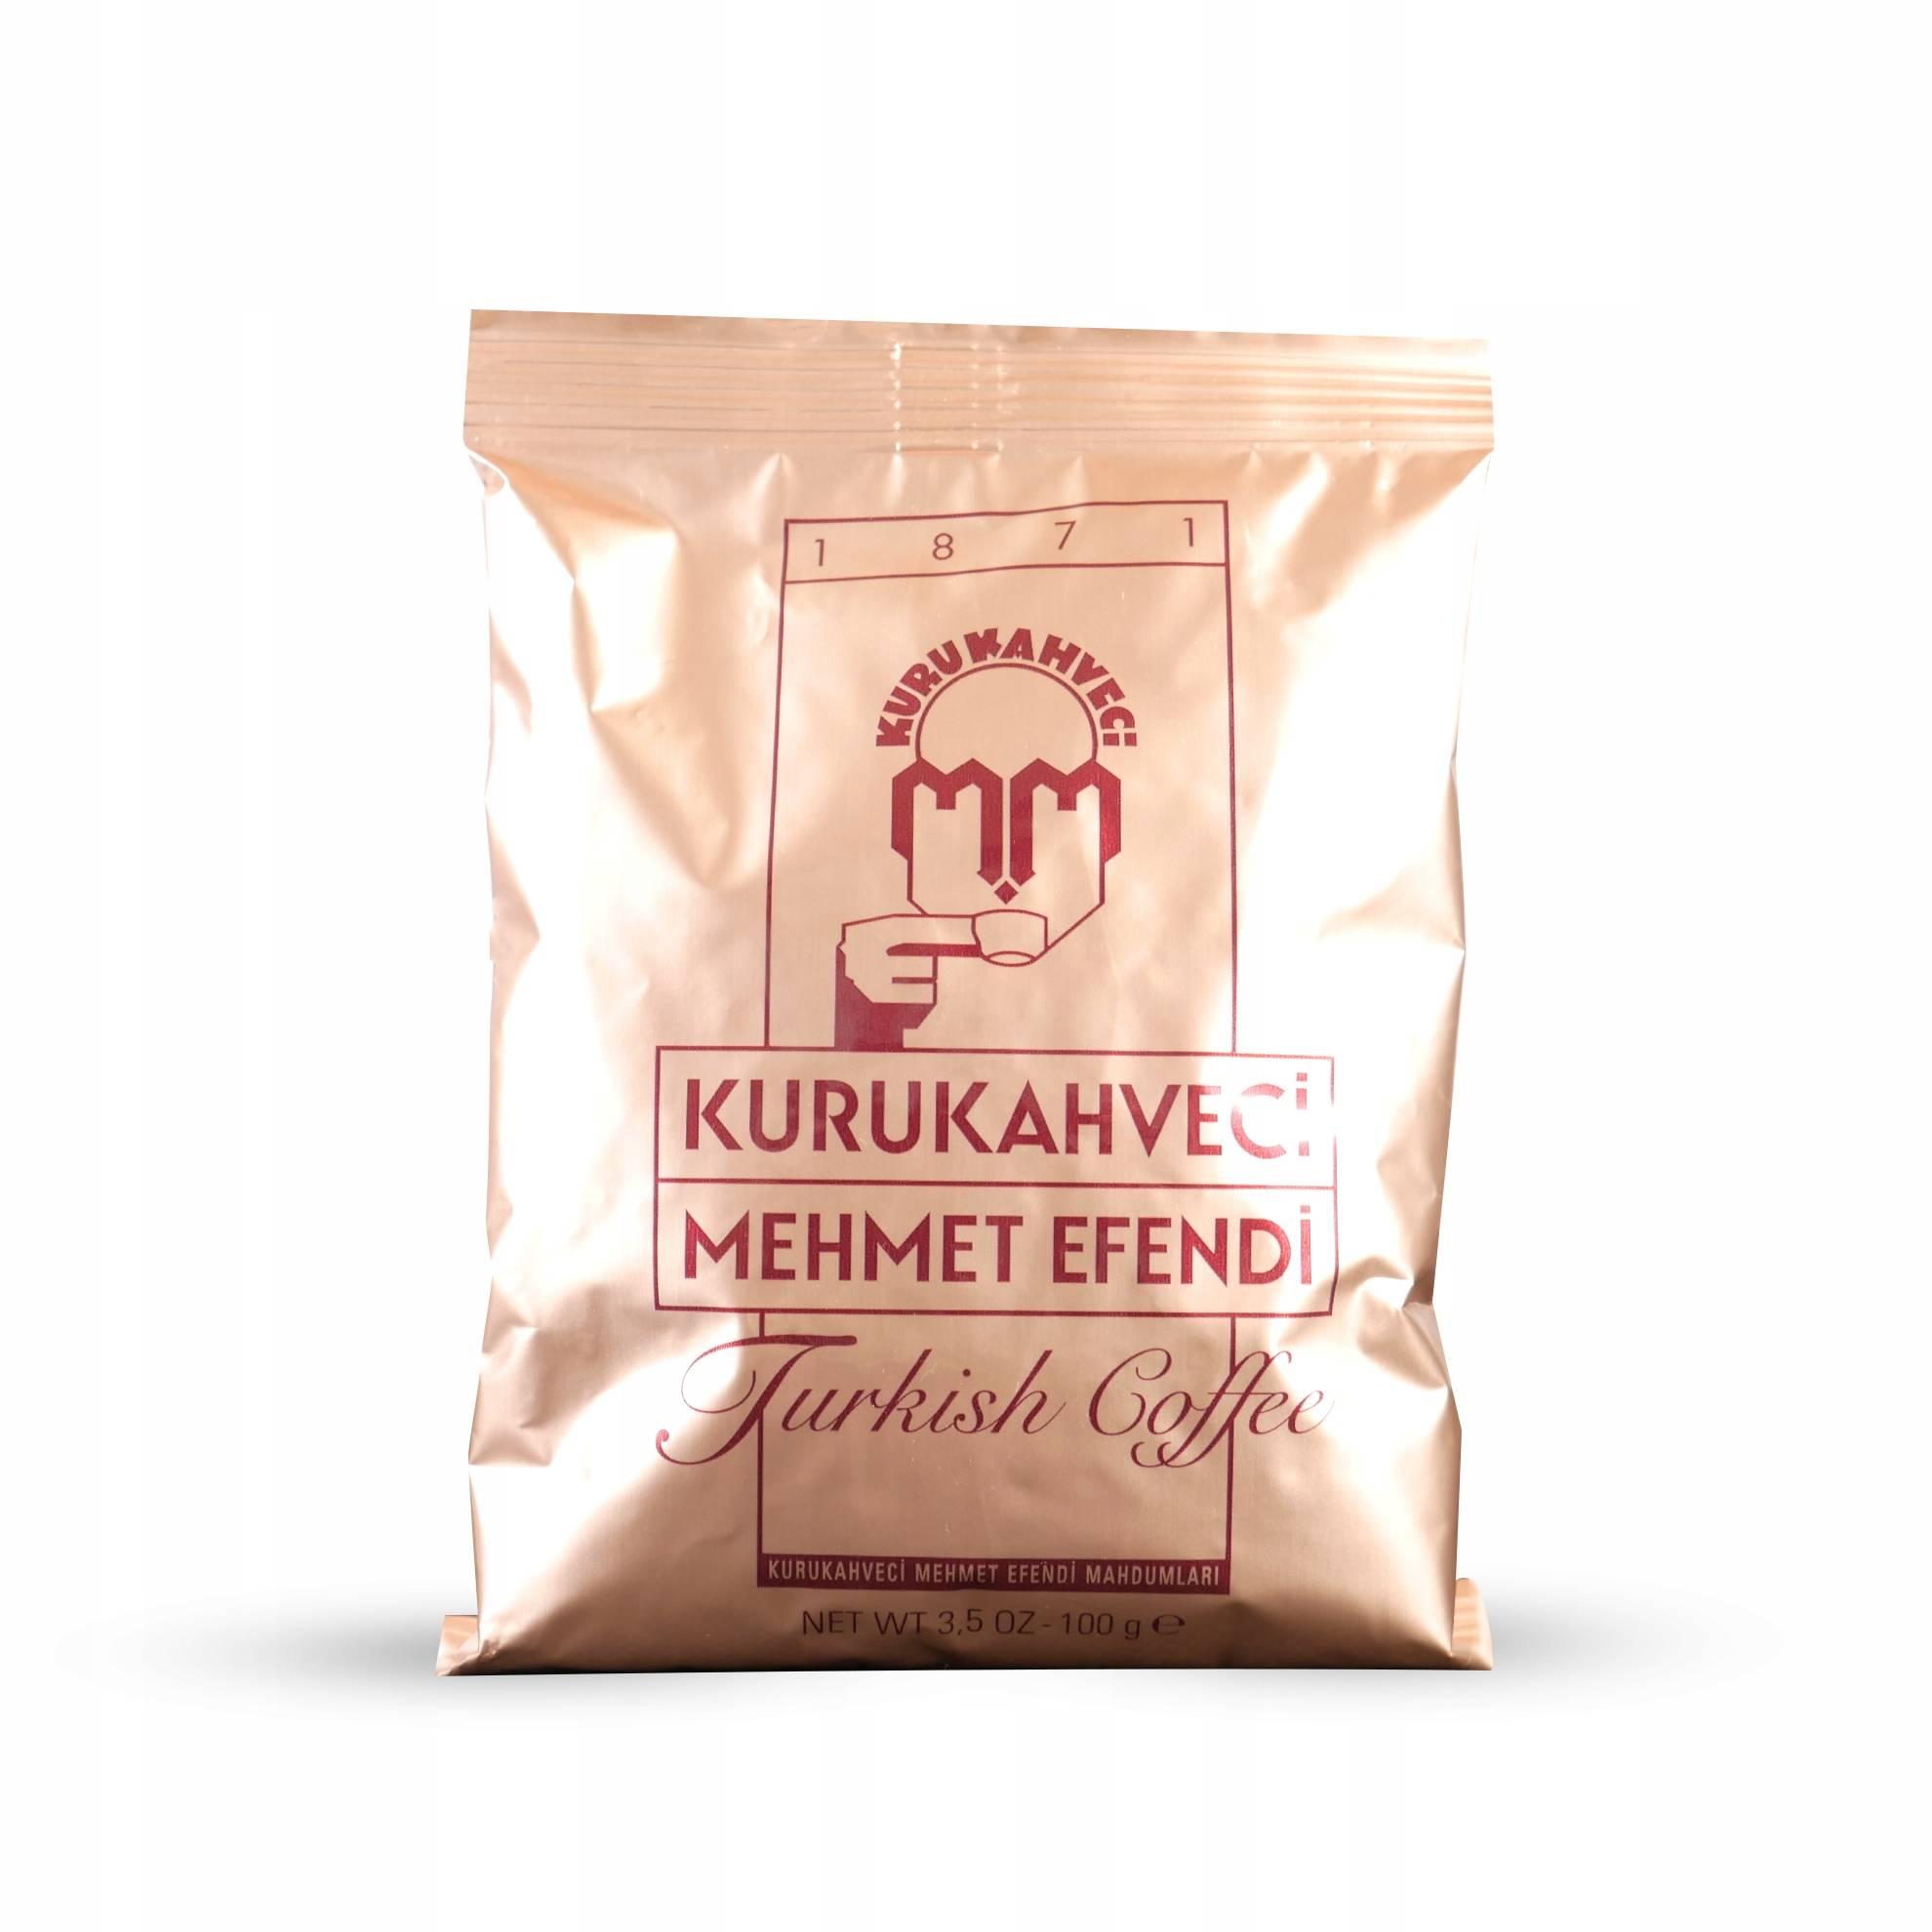 Кофе mehmet efendi со 100% арабикой с разных регионов мира